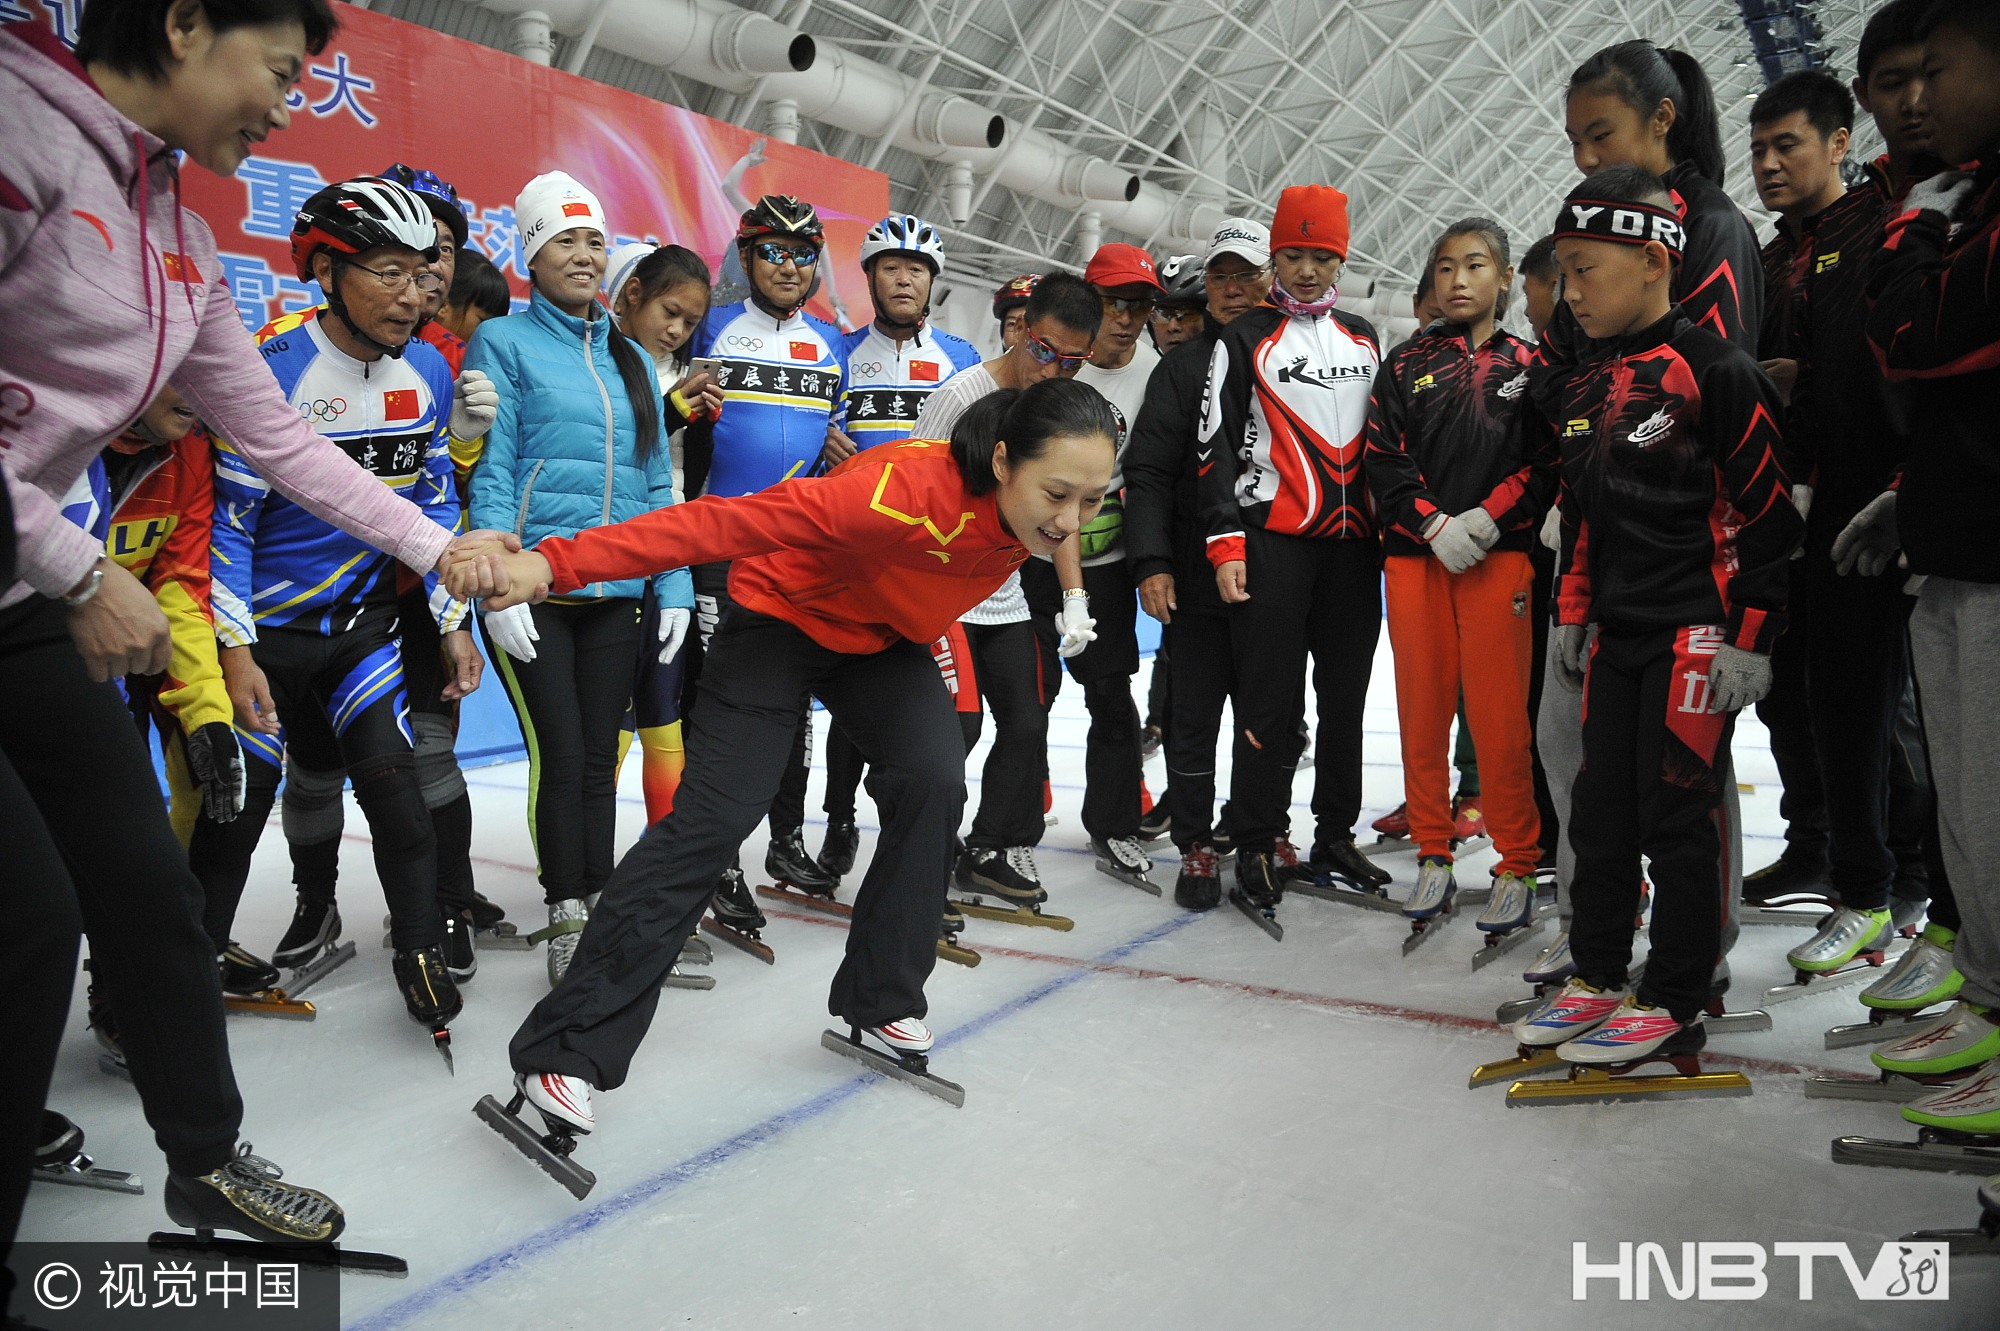 奥运冠军张虹全民健身日与冰迷互动(组图)